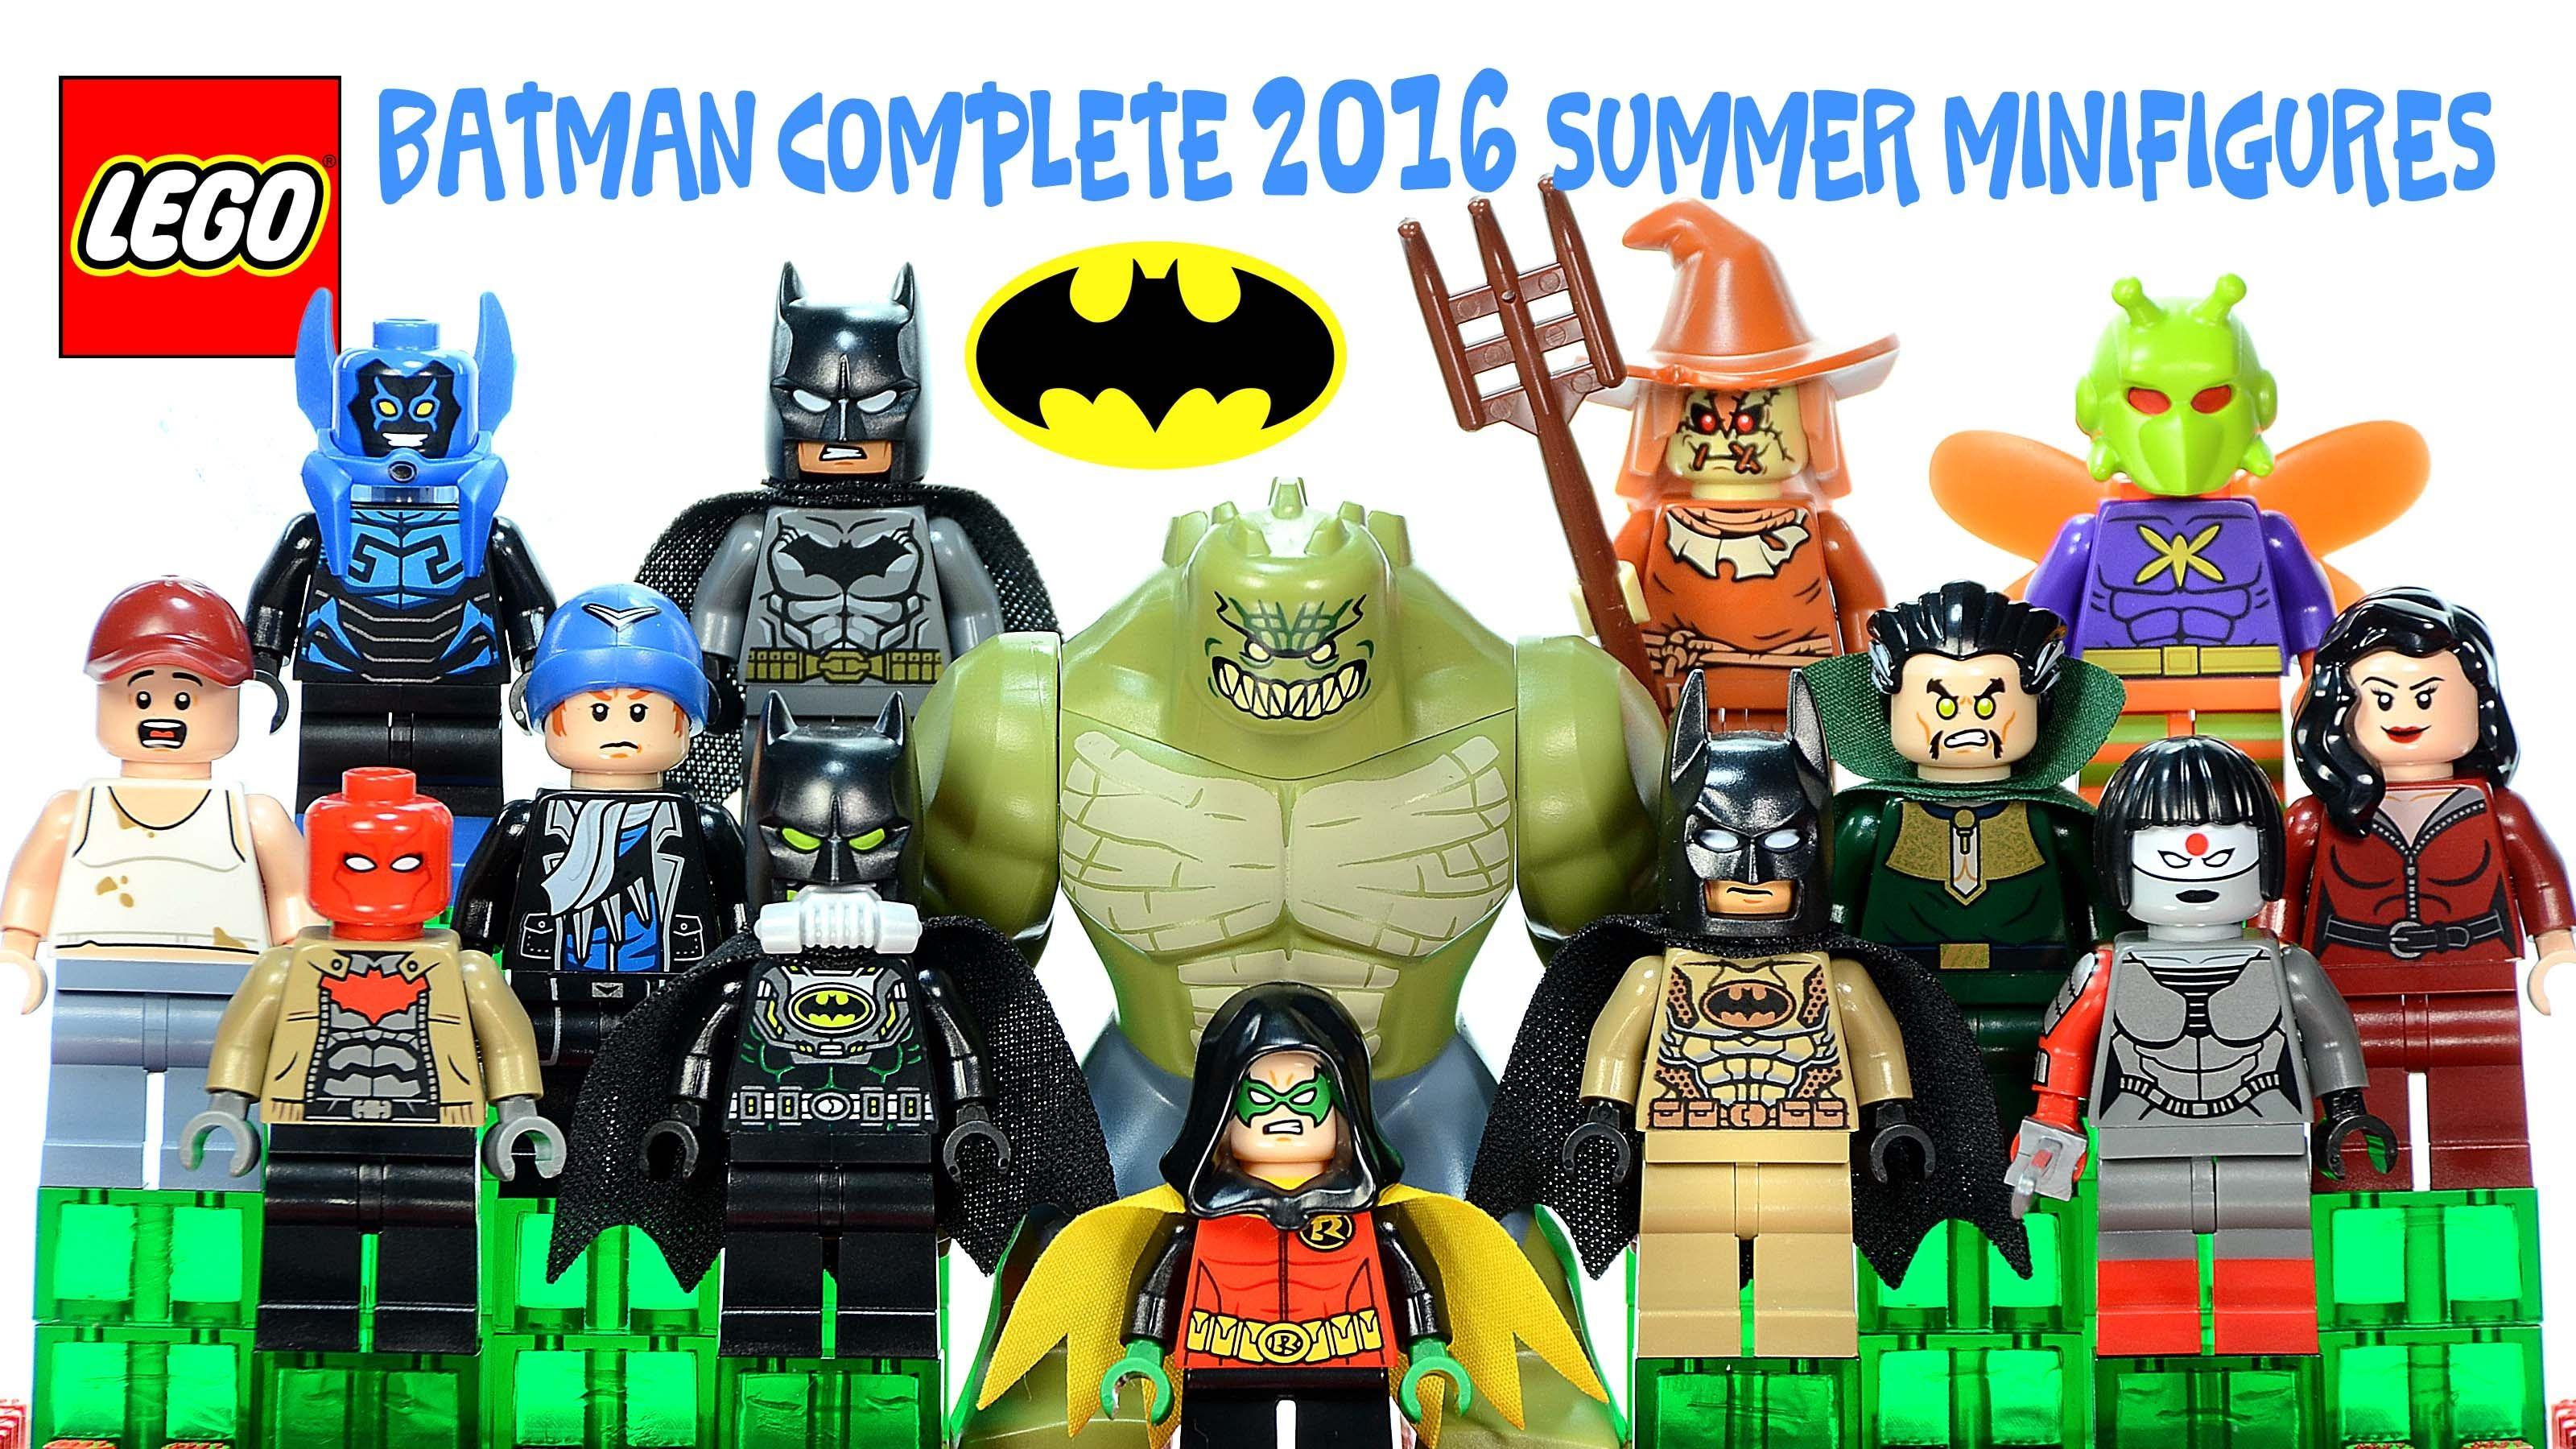 Lego Batman Mini Figures range of figures